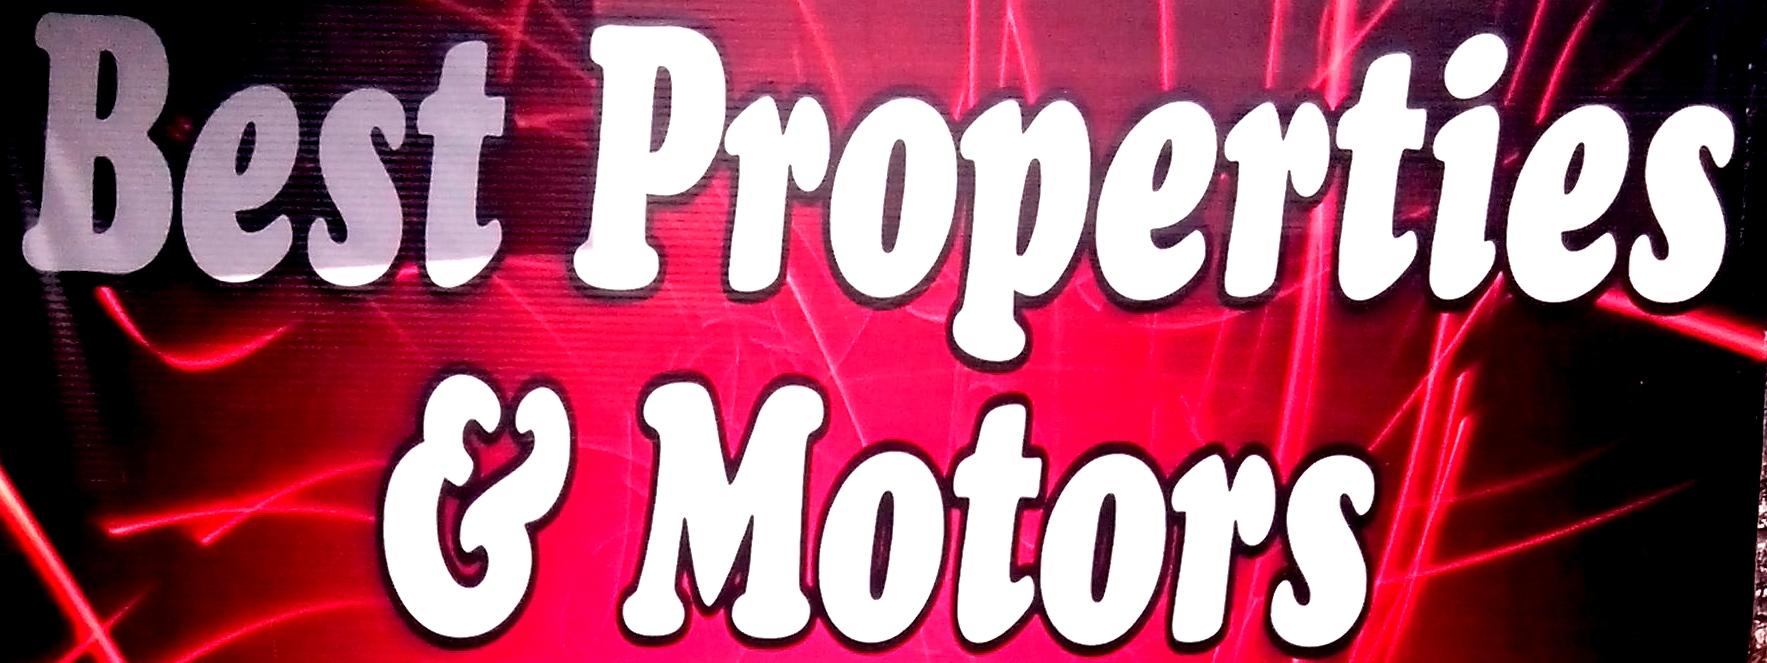 Best properties & motors